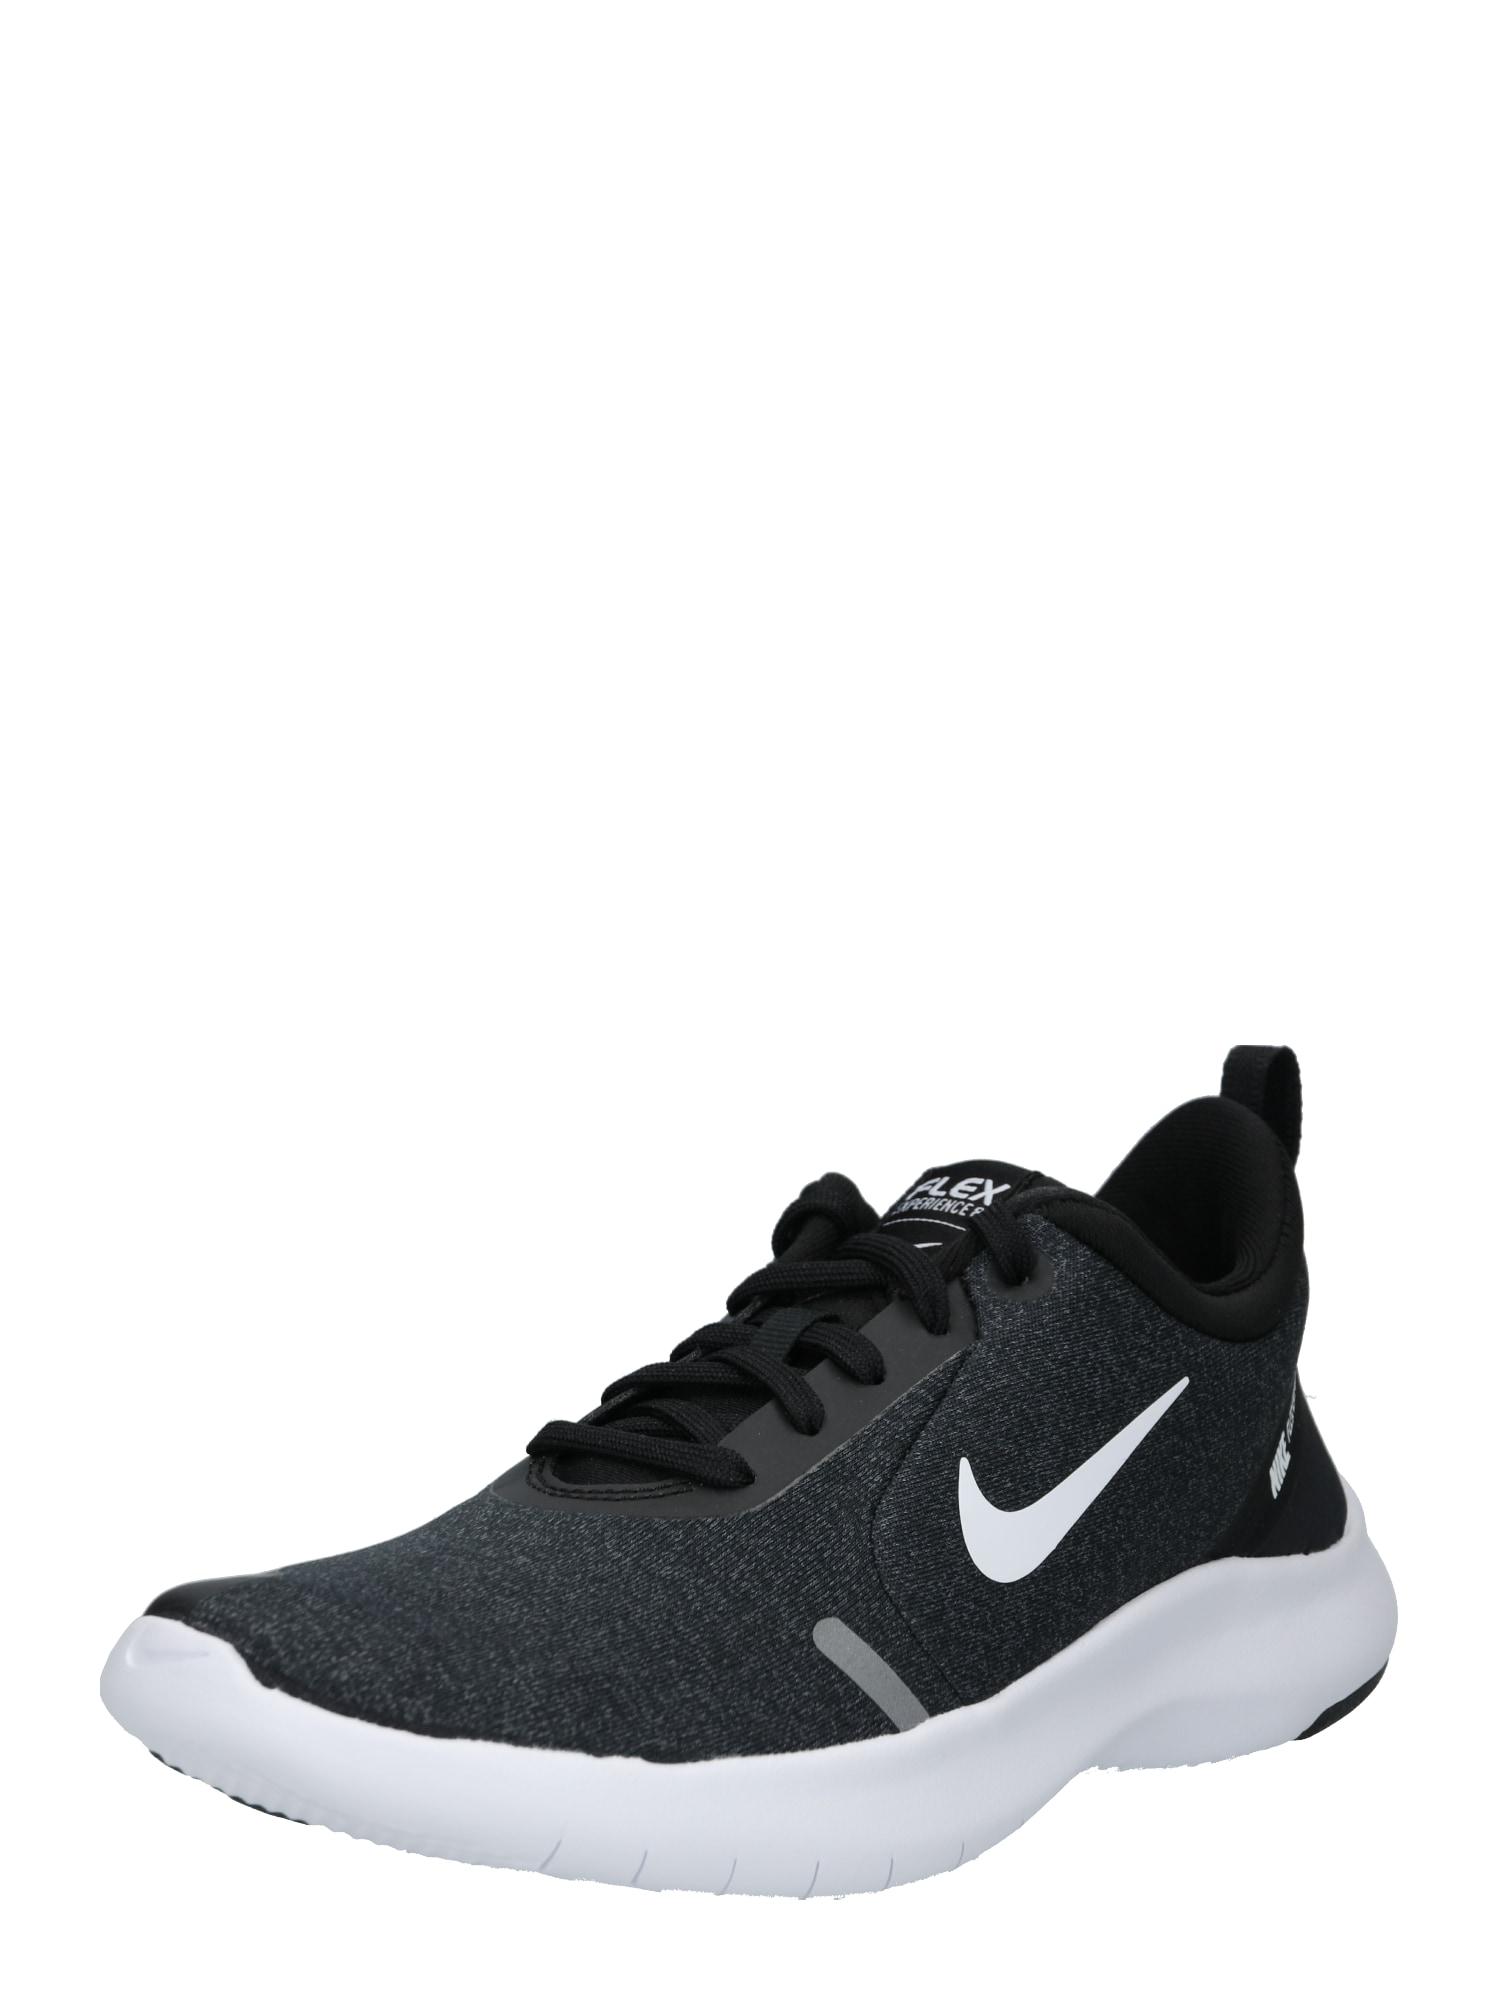 Sportovní boty Nike Flex Experience RN 8 černá bílá NIKE